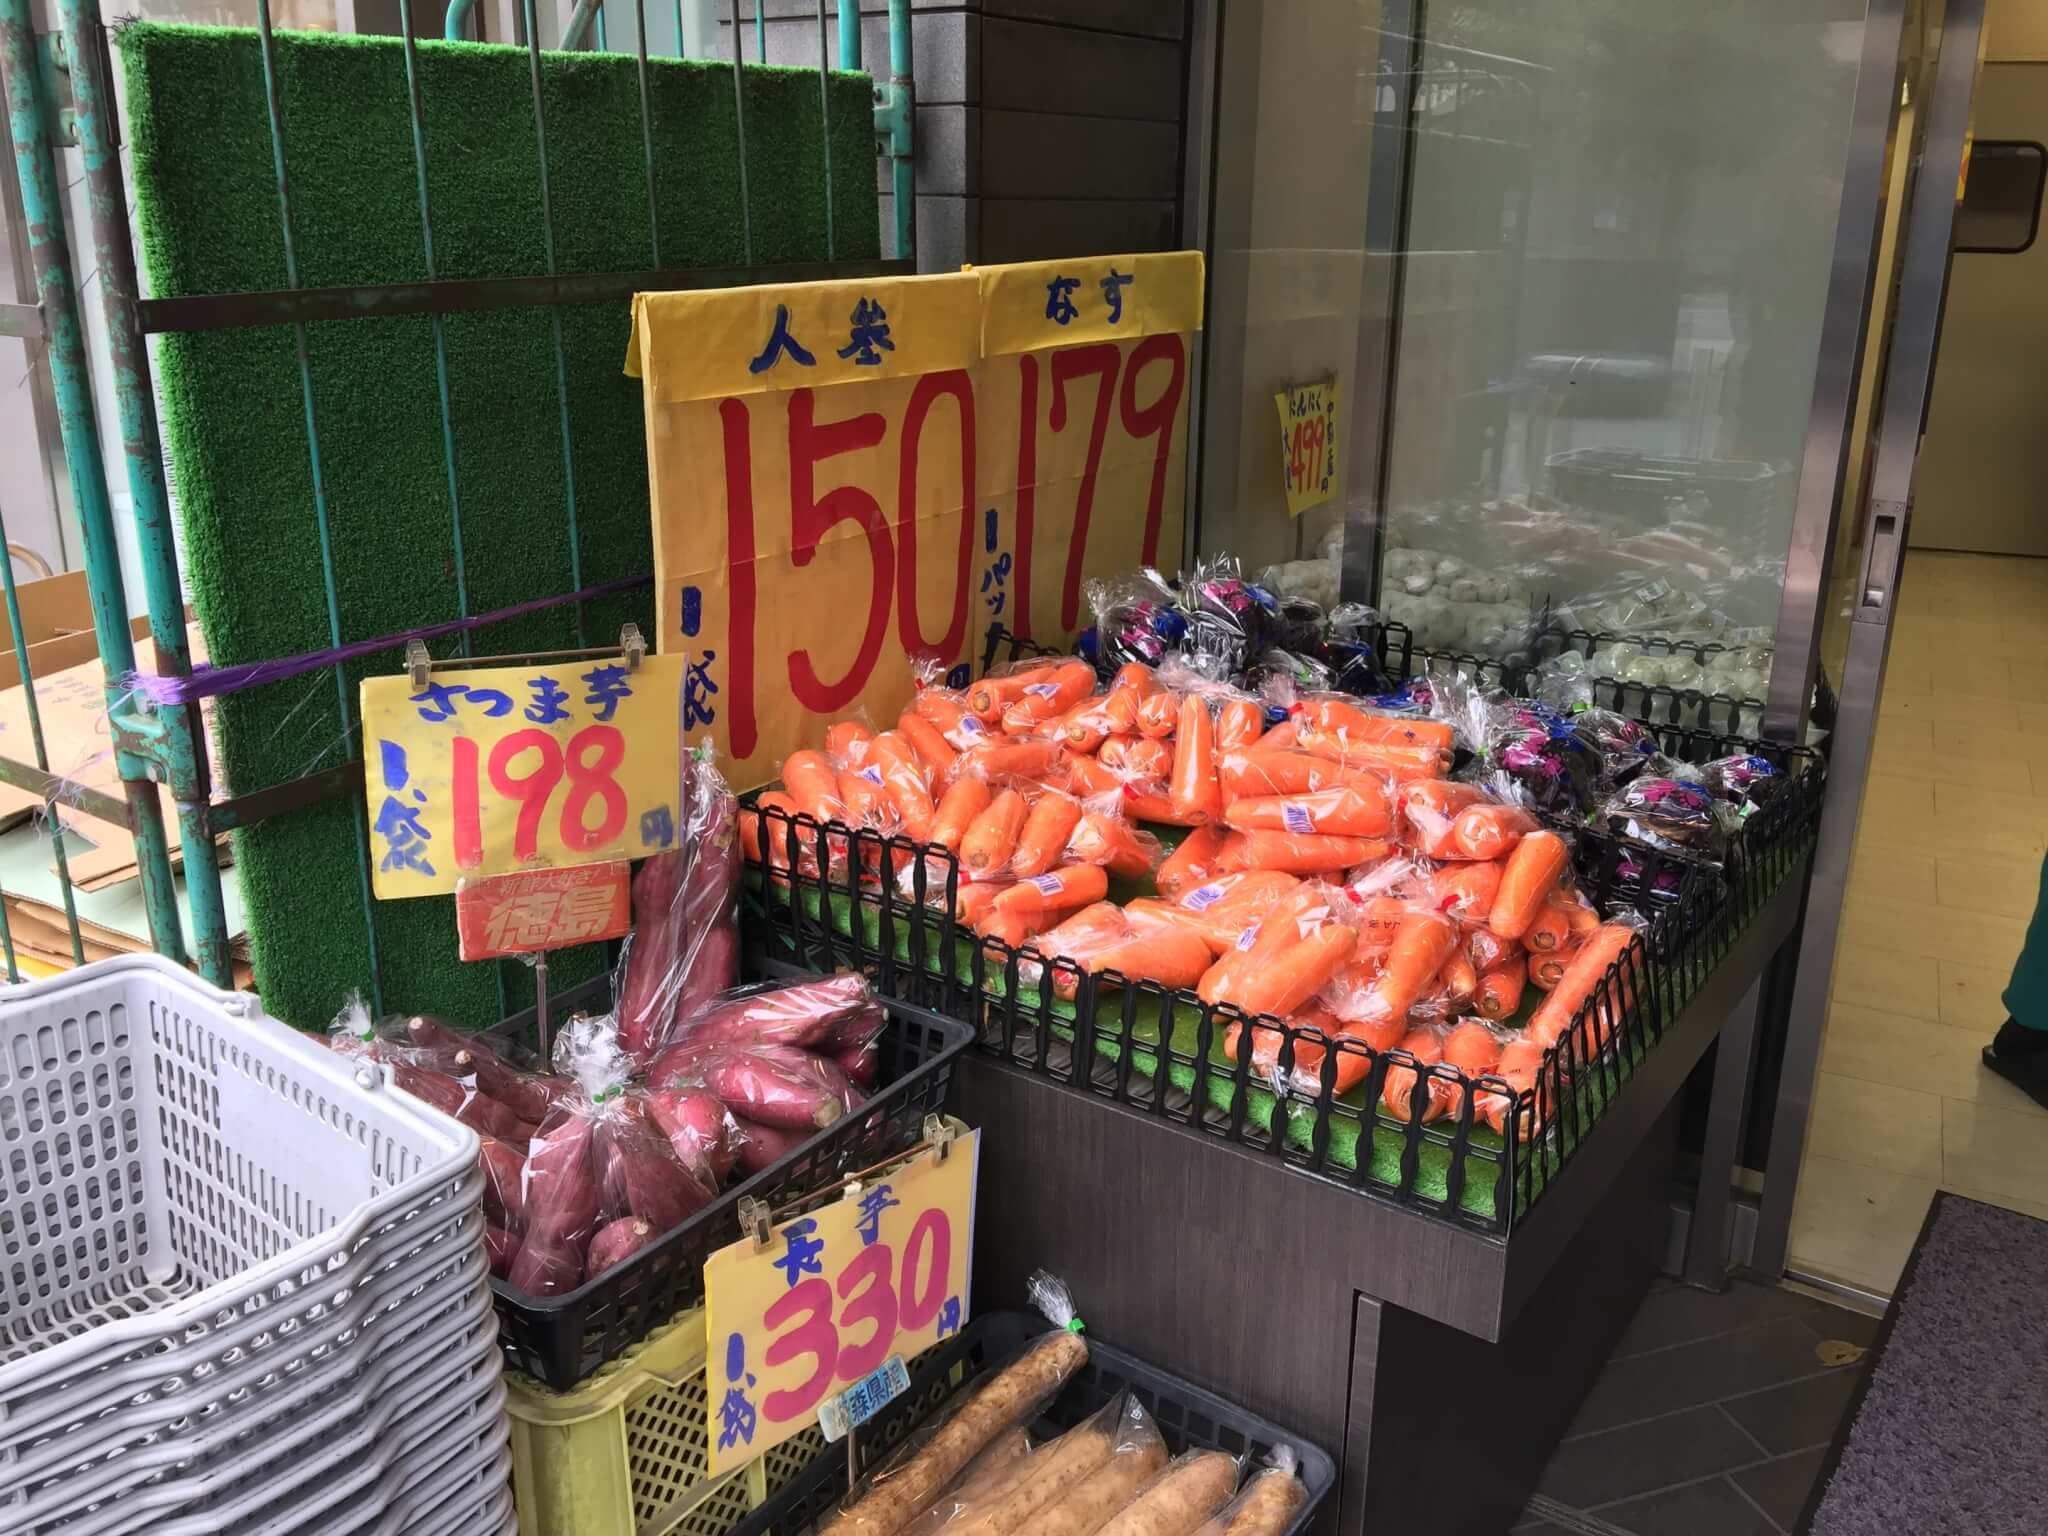 二子玉川のスーパー八百五で売られている野菜